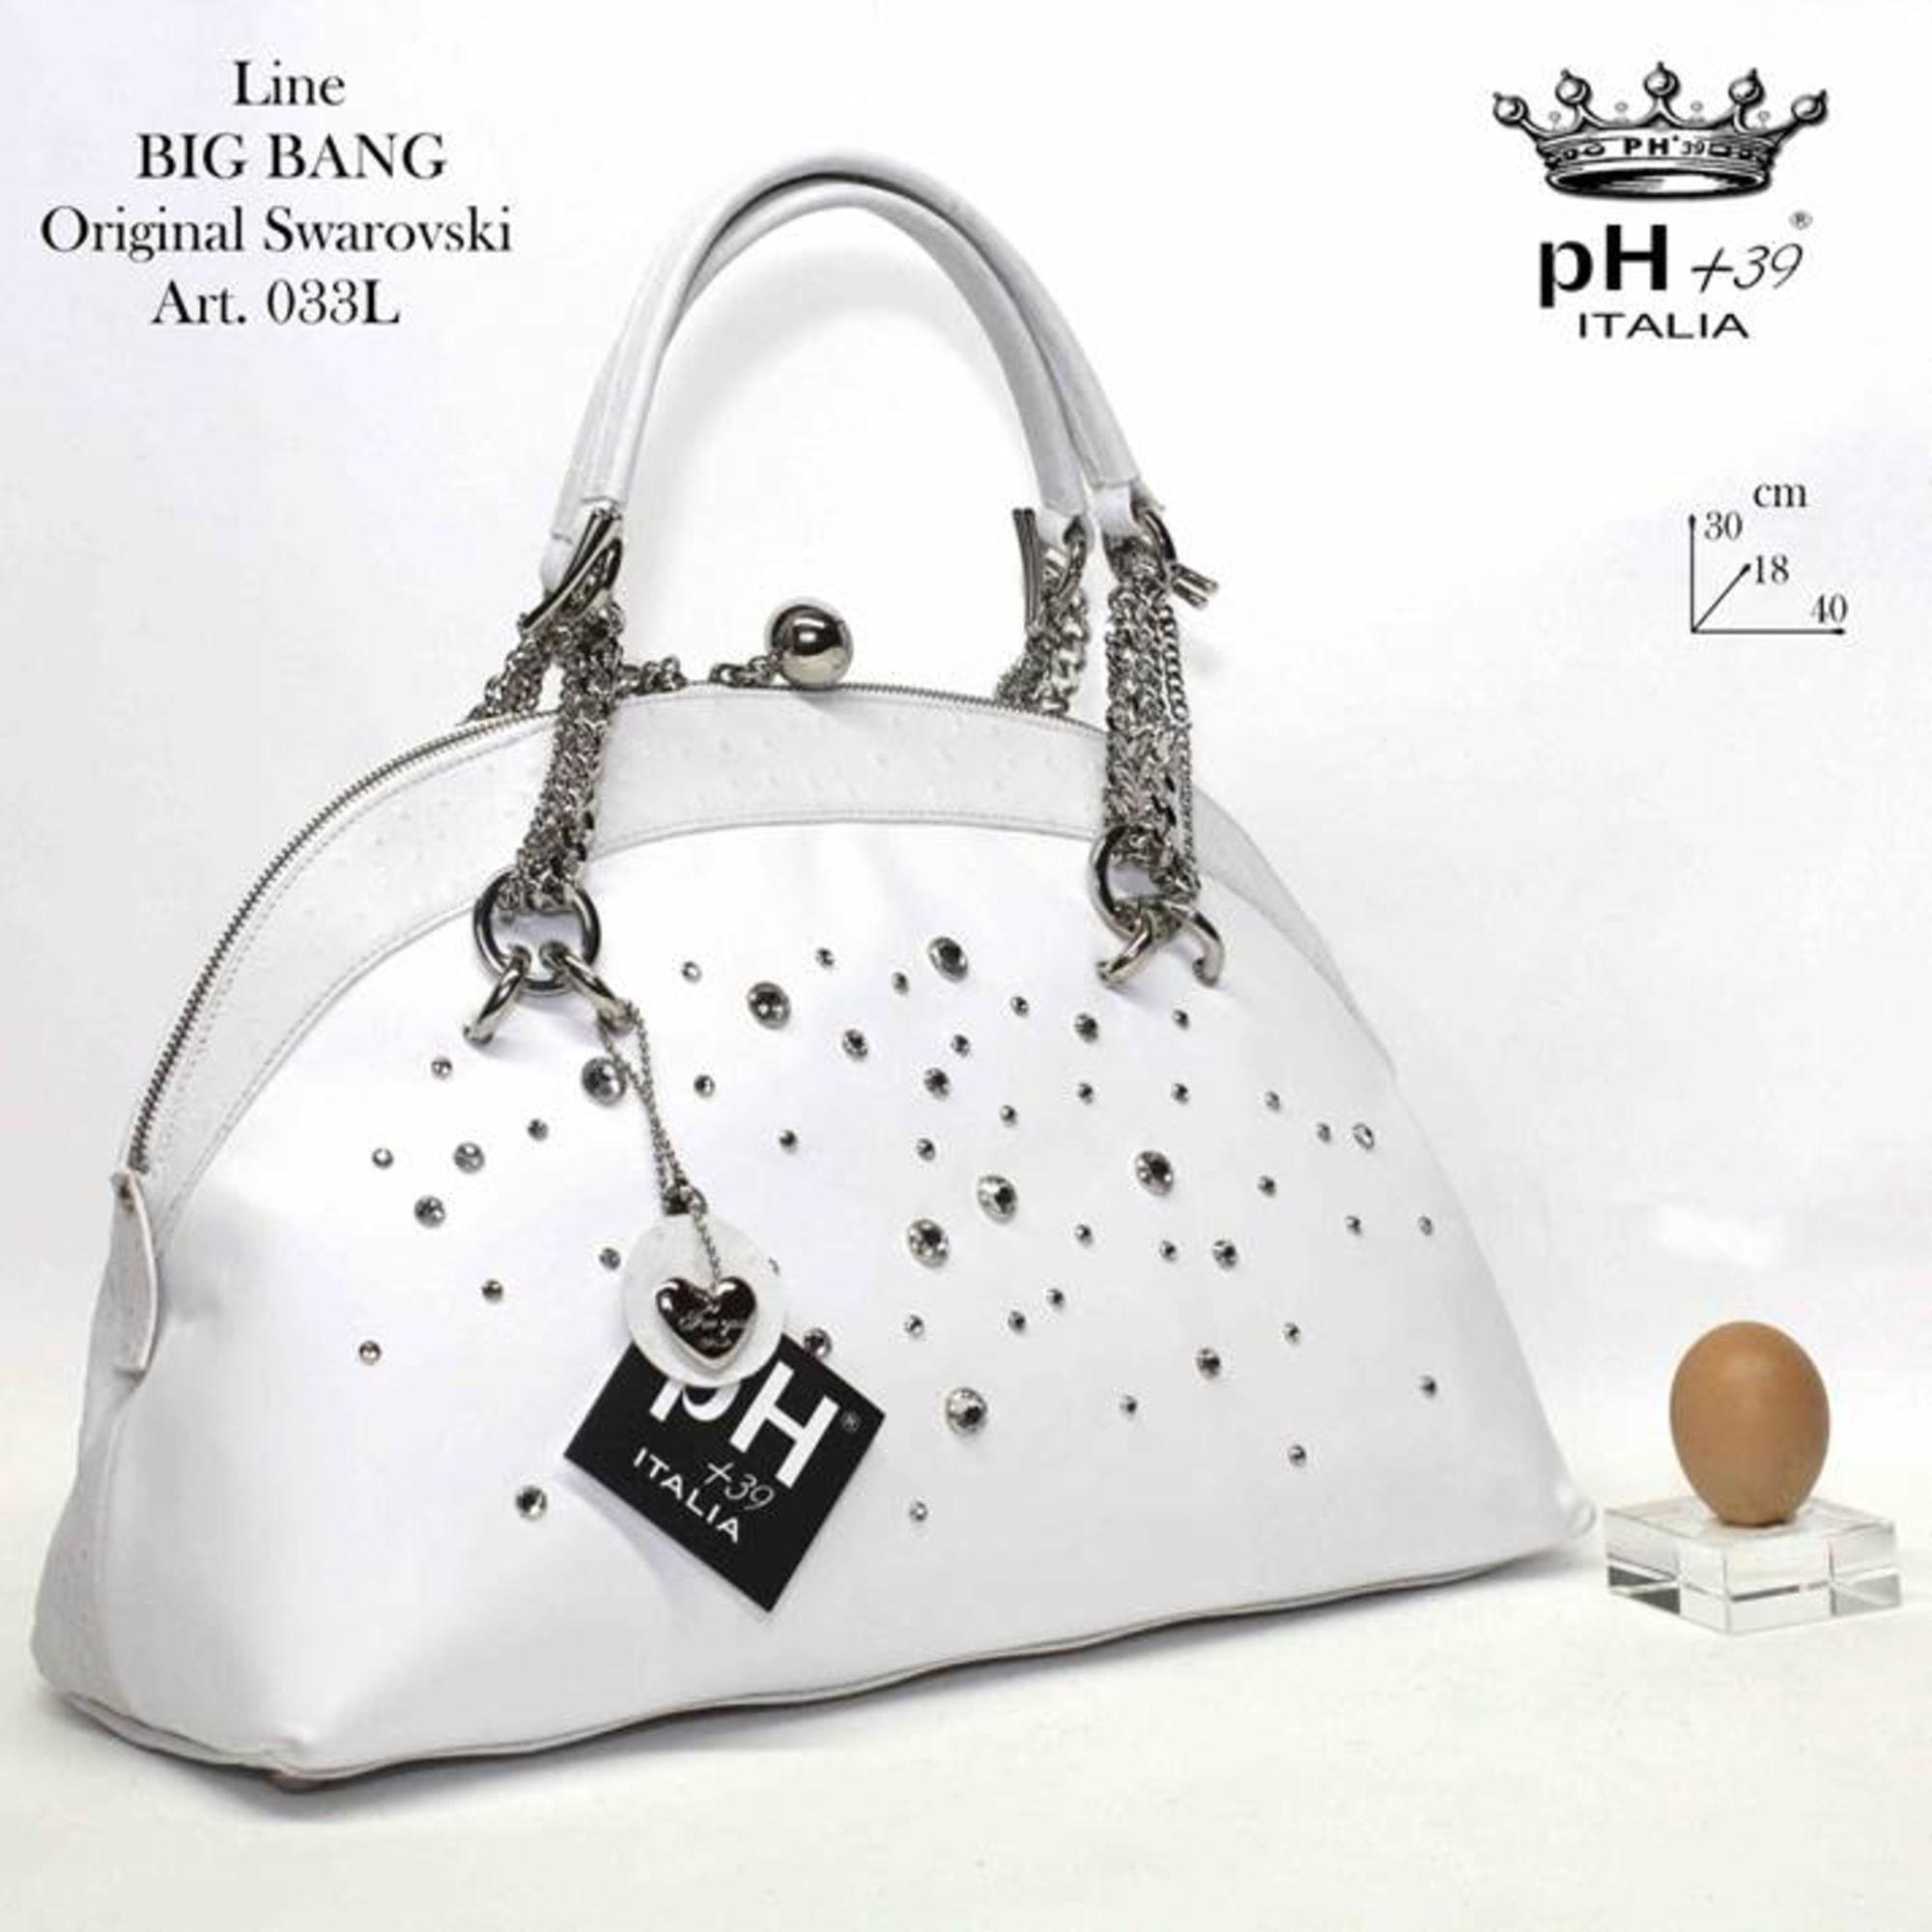 Sac à main en cuir PH+39 ITALIA BAG Blanc, blanc cassé, écru